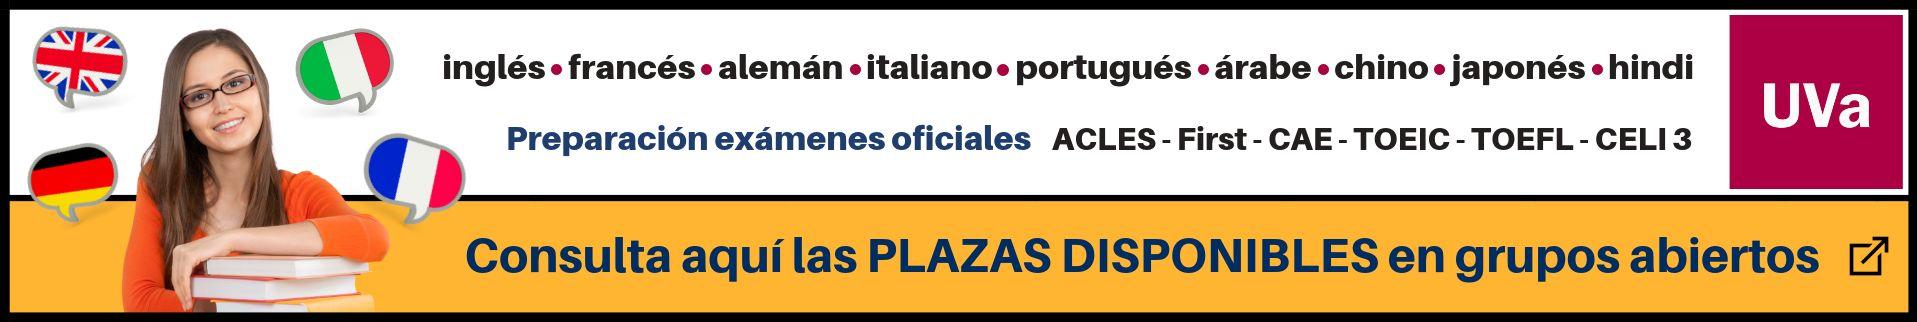 Plazas disponibles grupos 2018-2018 idiomas UVa banner